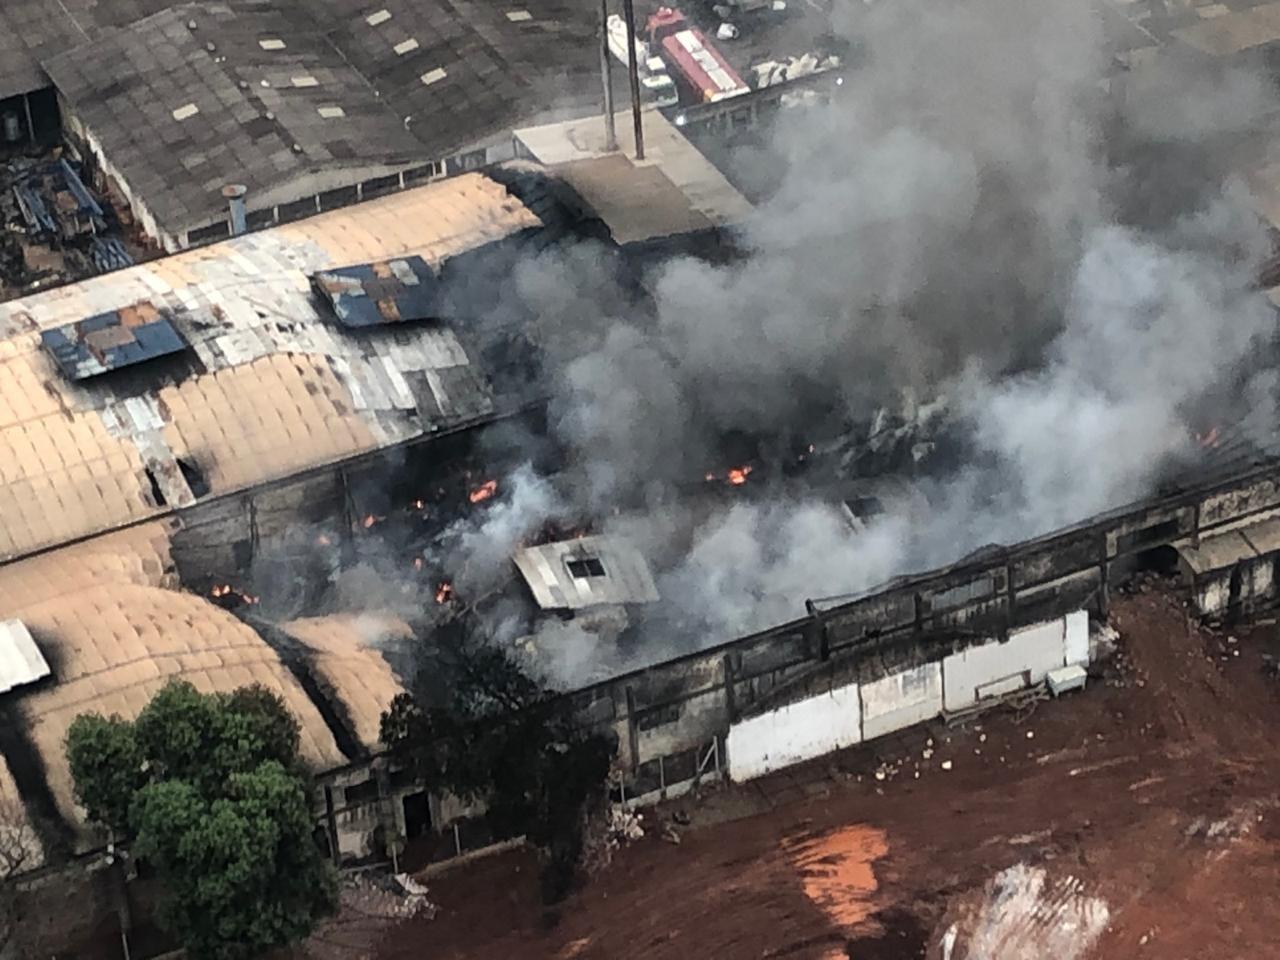 Incêndio em barracão de indústria de Maringá dura mais de 26 horas; parte do telhado cedeu - Notícias - Plantão Diário